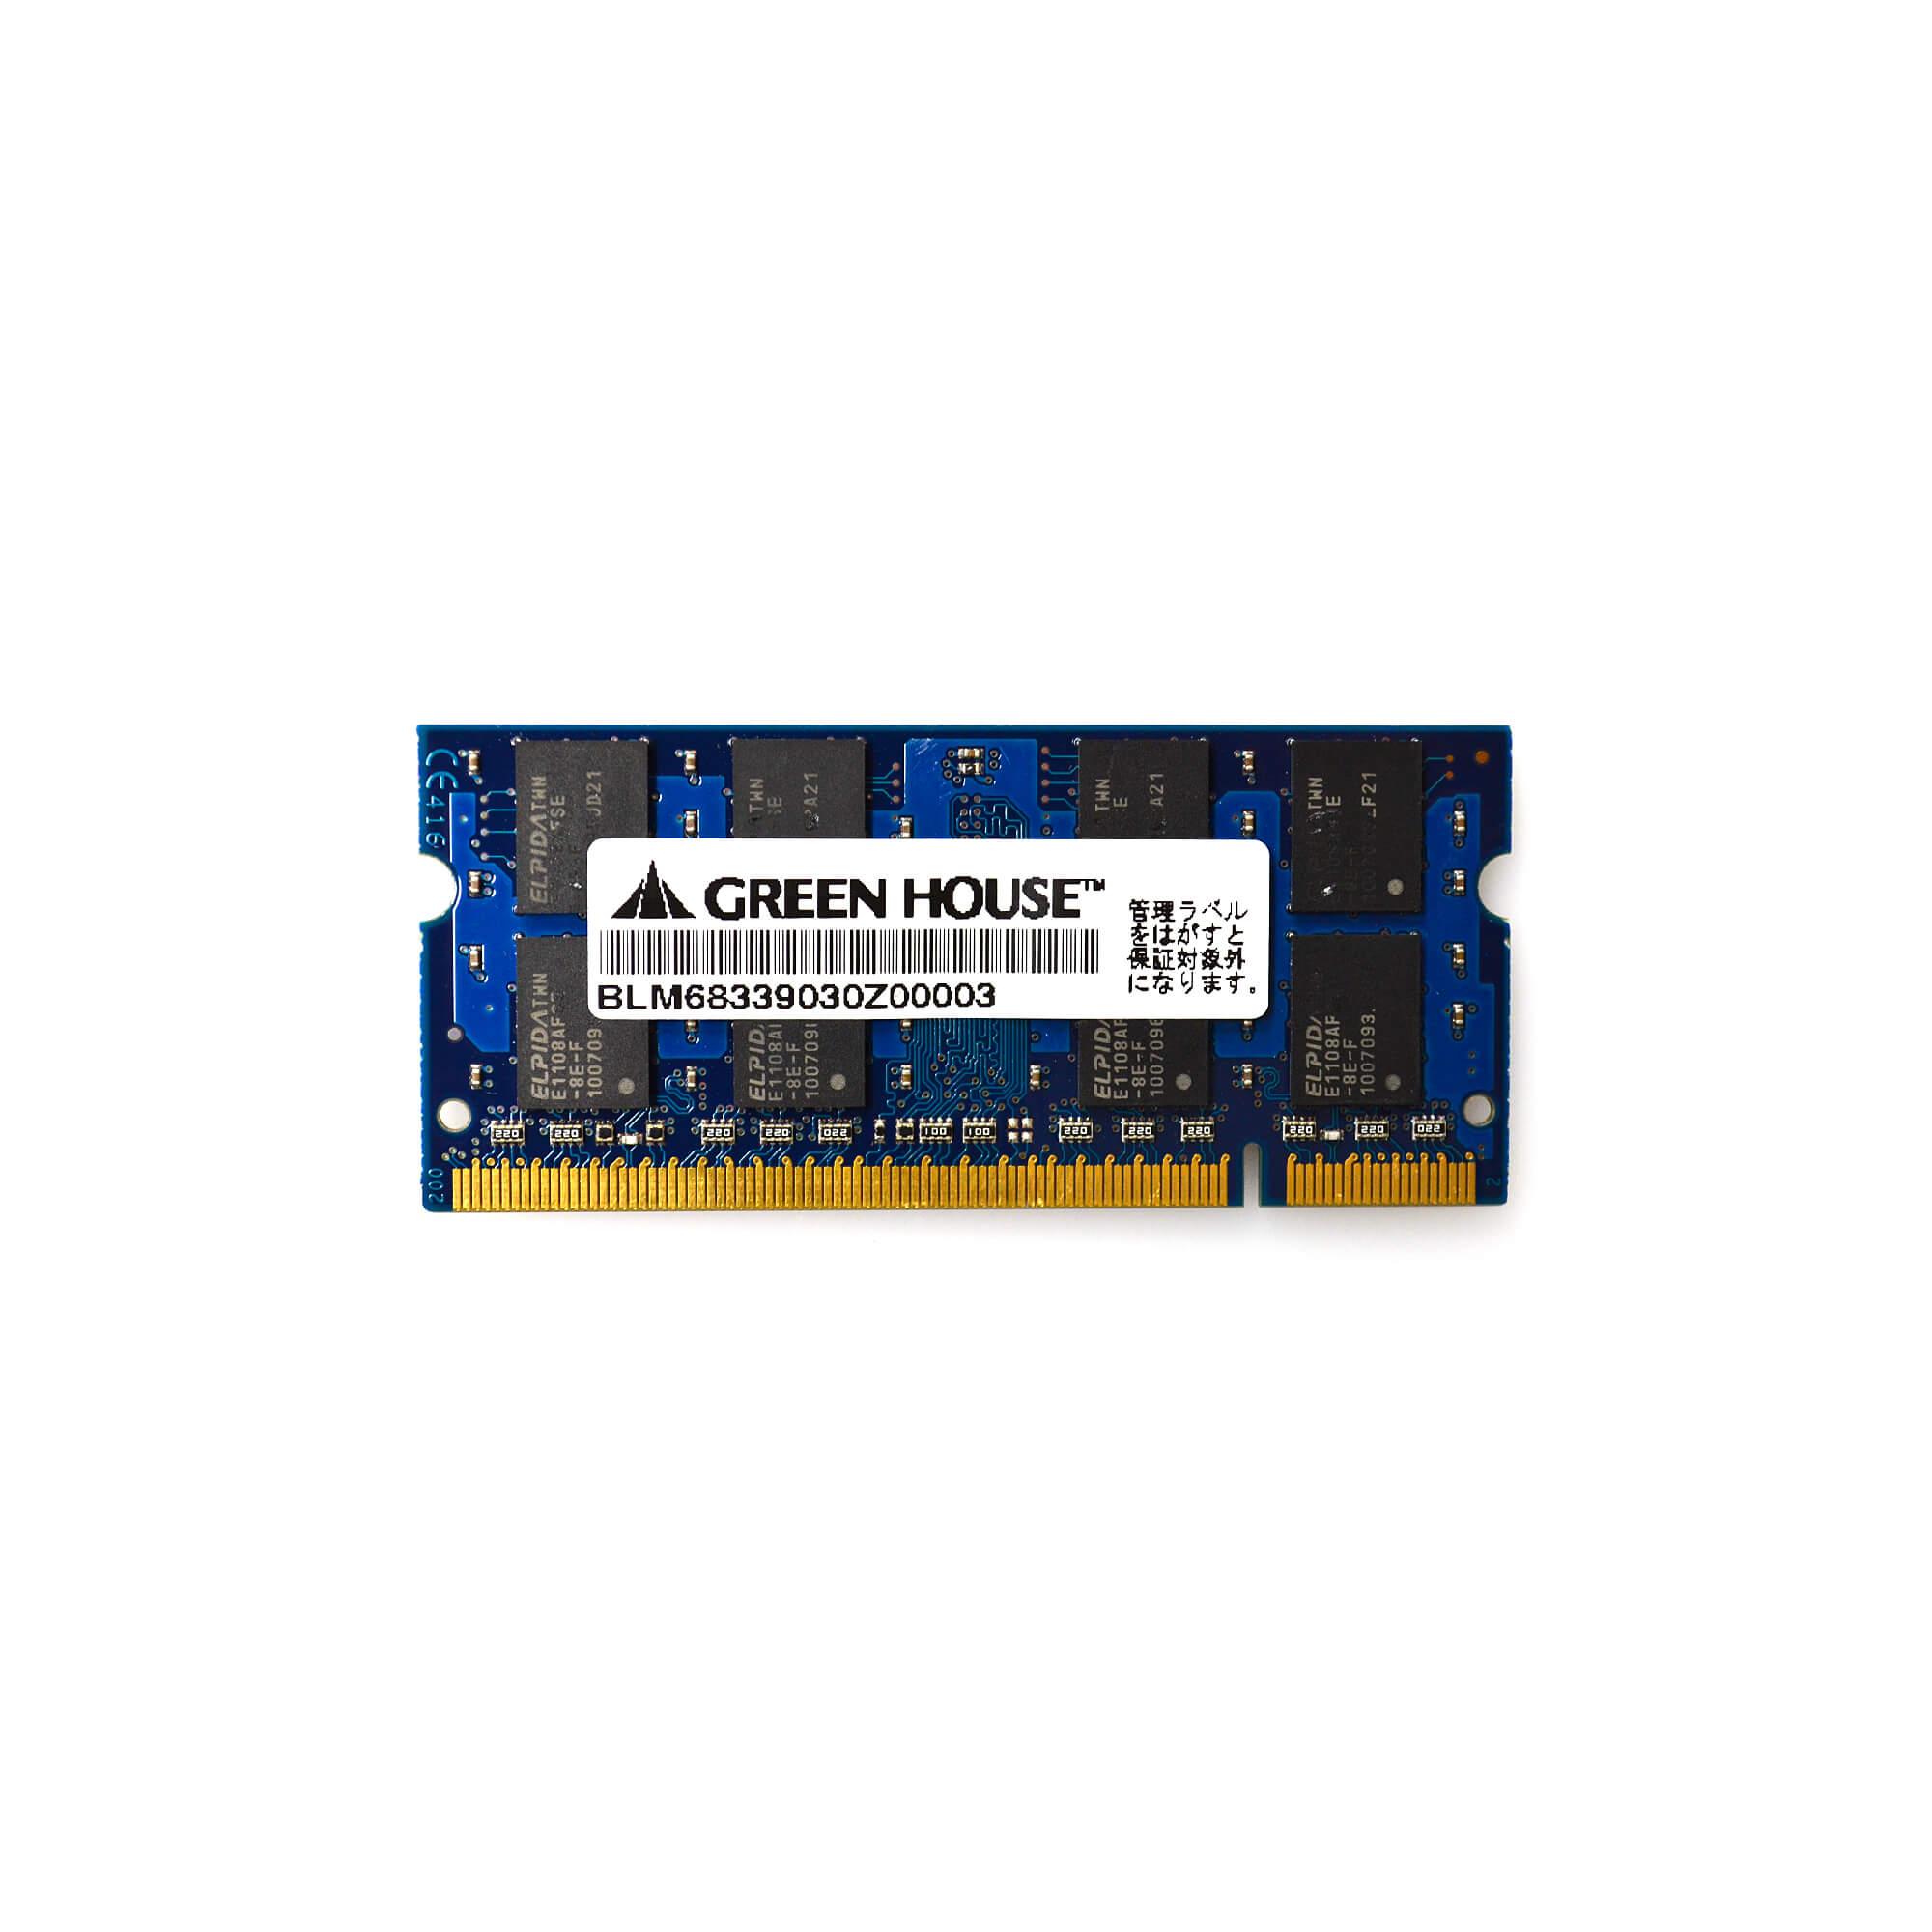 GH-DAII800シリーズ